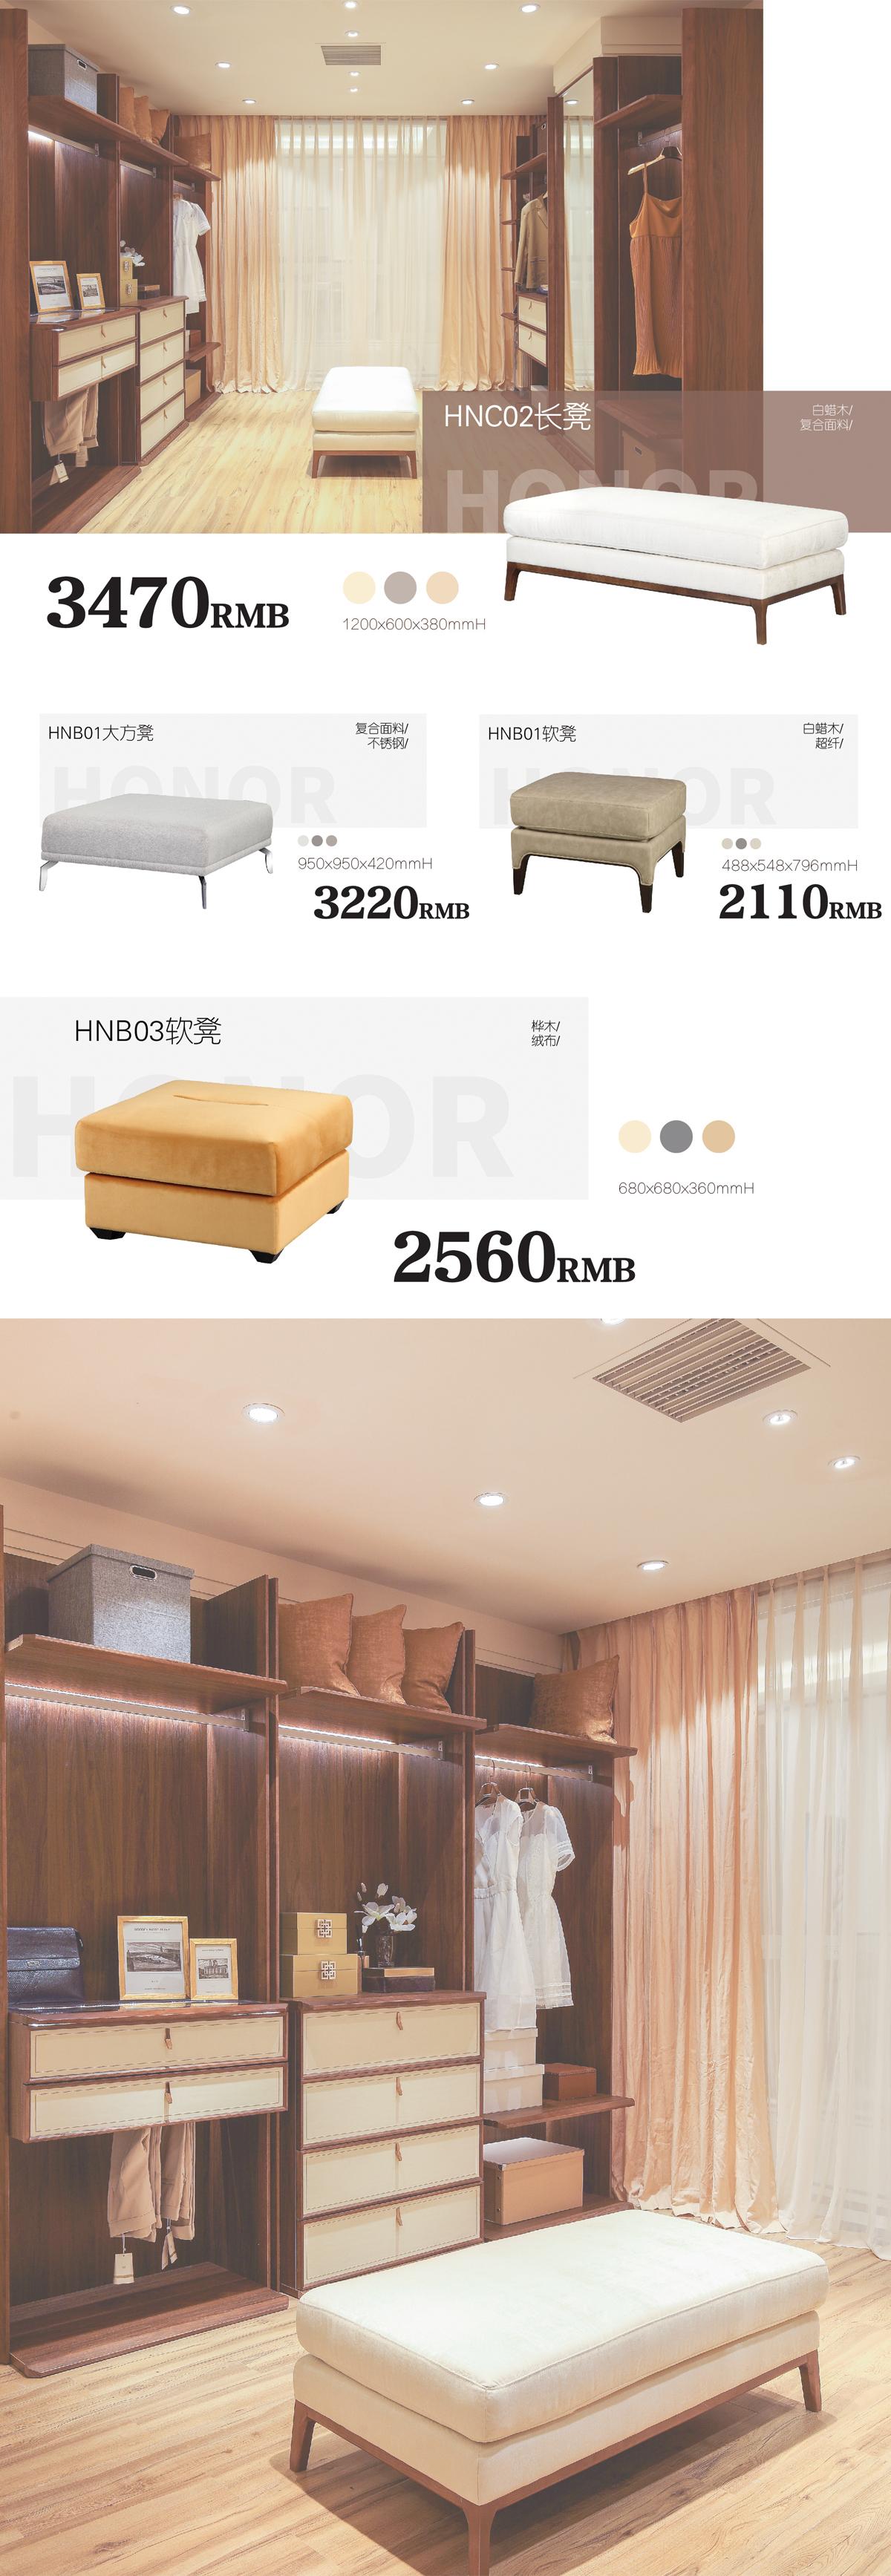 全屋定制家具-椅子2